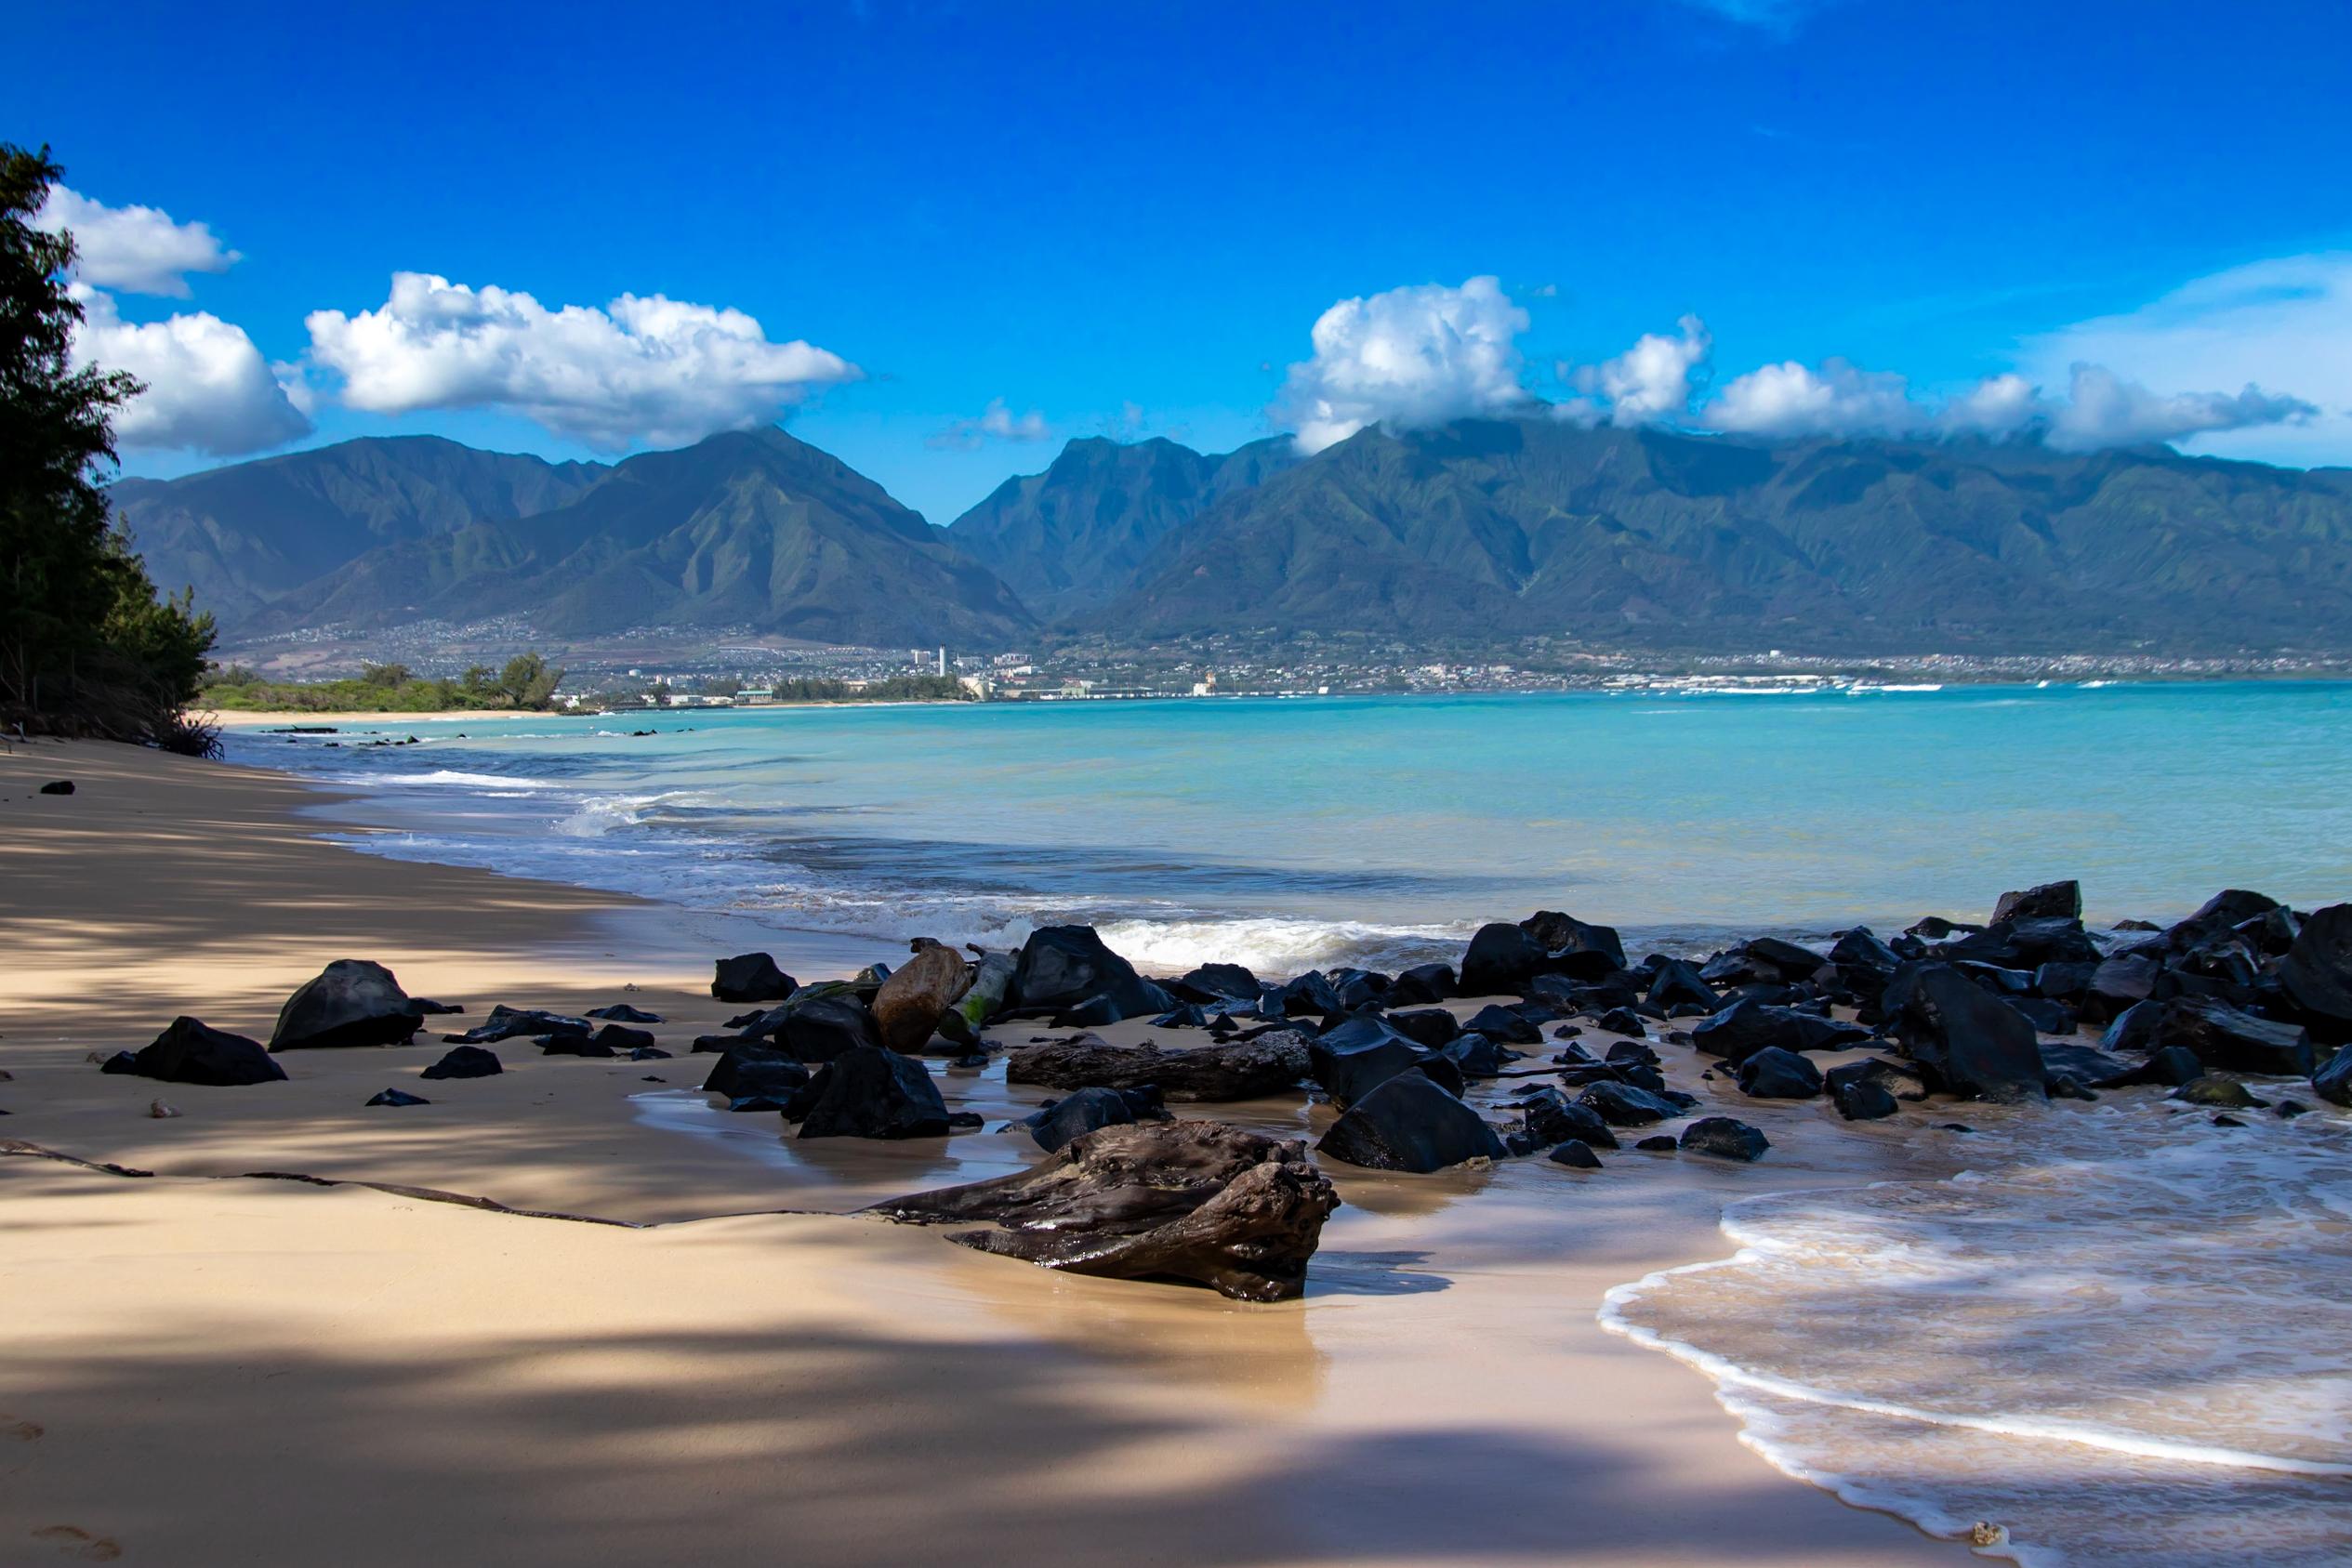 Kanaha Beach Park - Kevin Peterson Photography